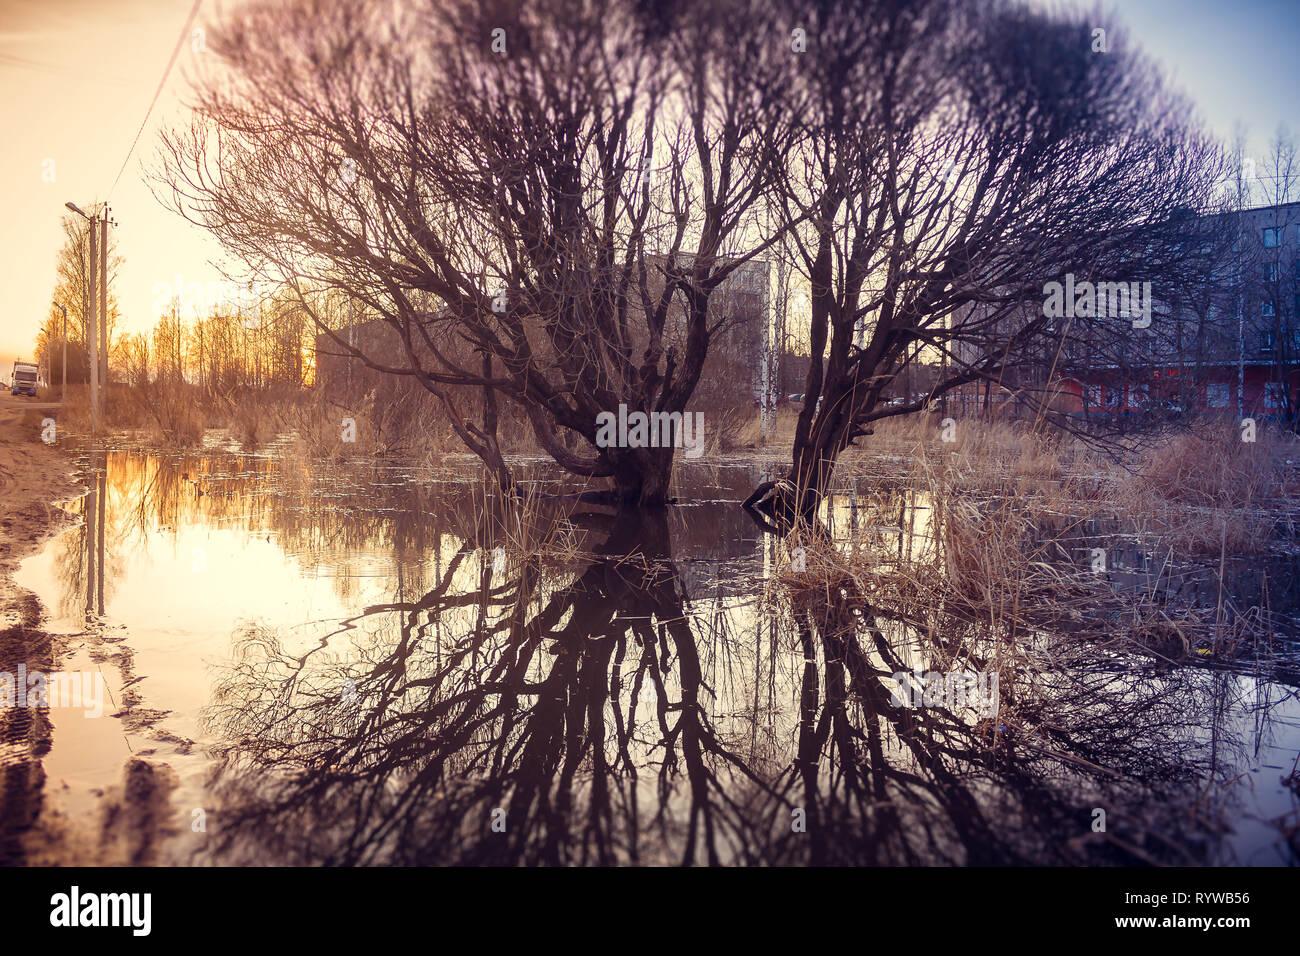 Un albero è riflesso in una pozzanghera. La molla dipinti. Pozzanghere e fango Foto Stock